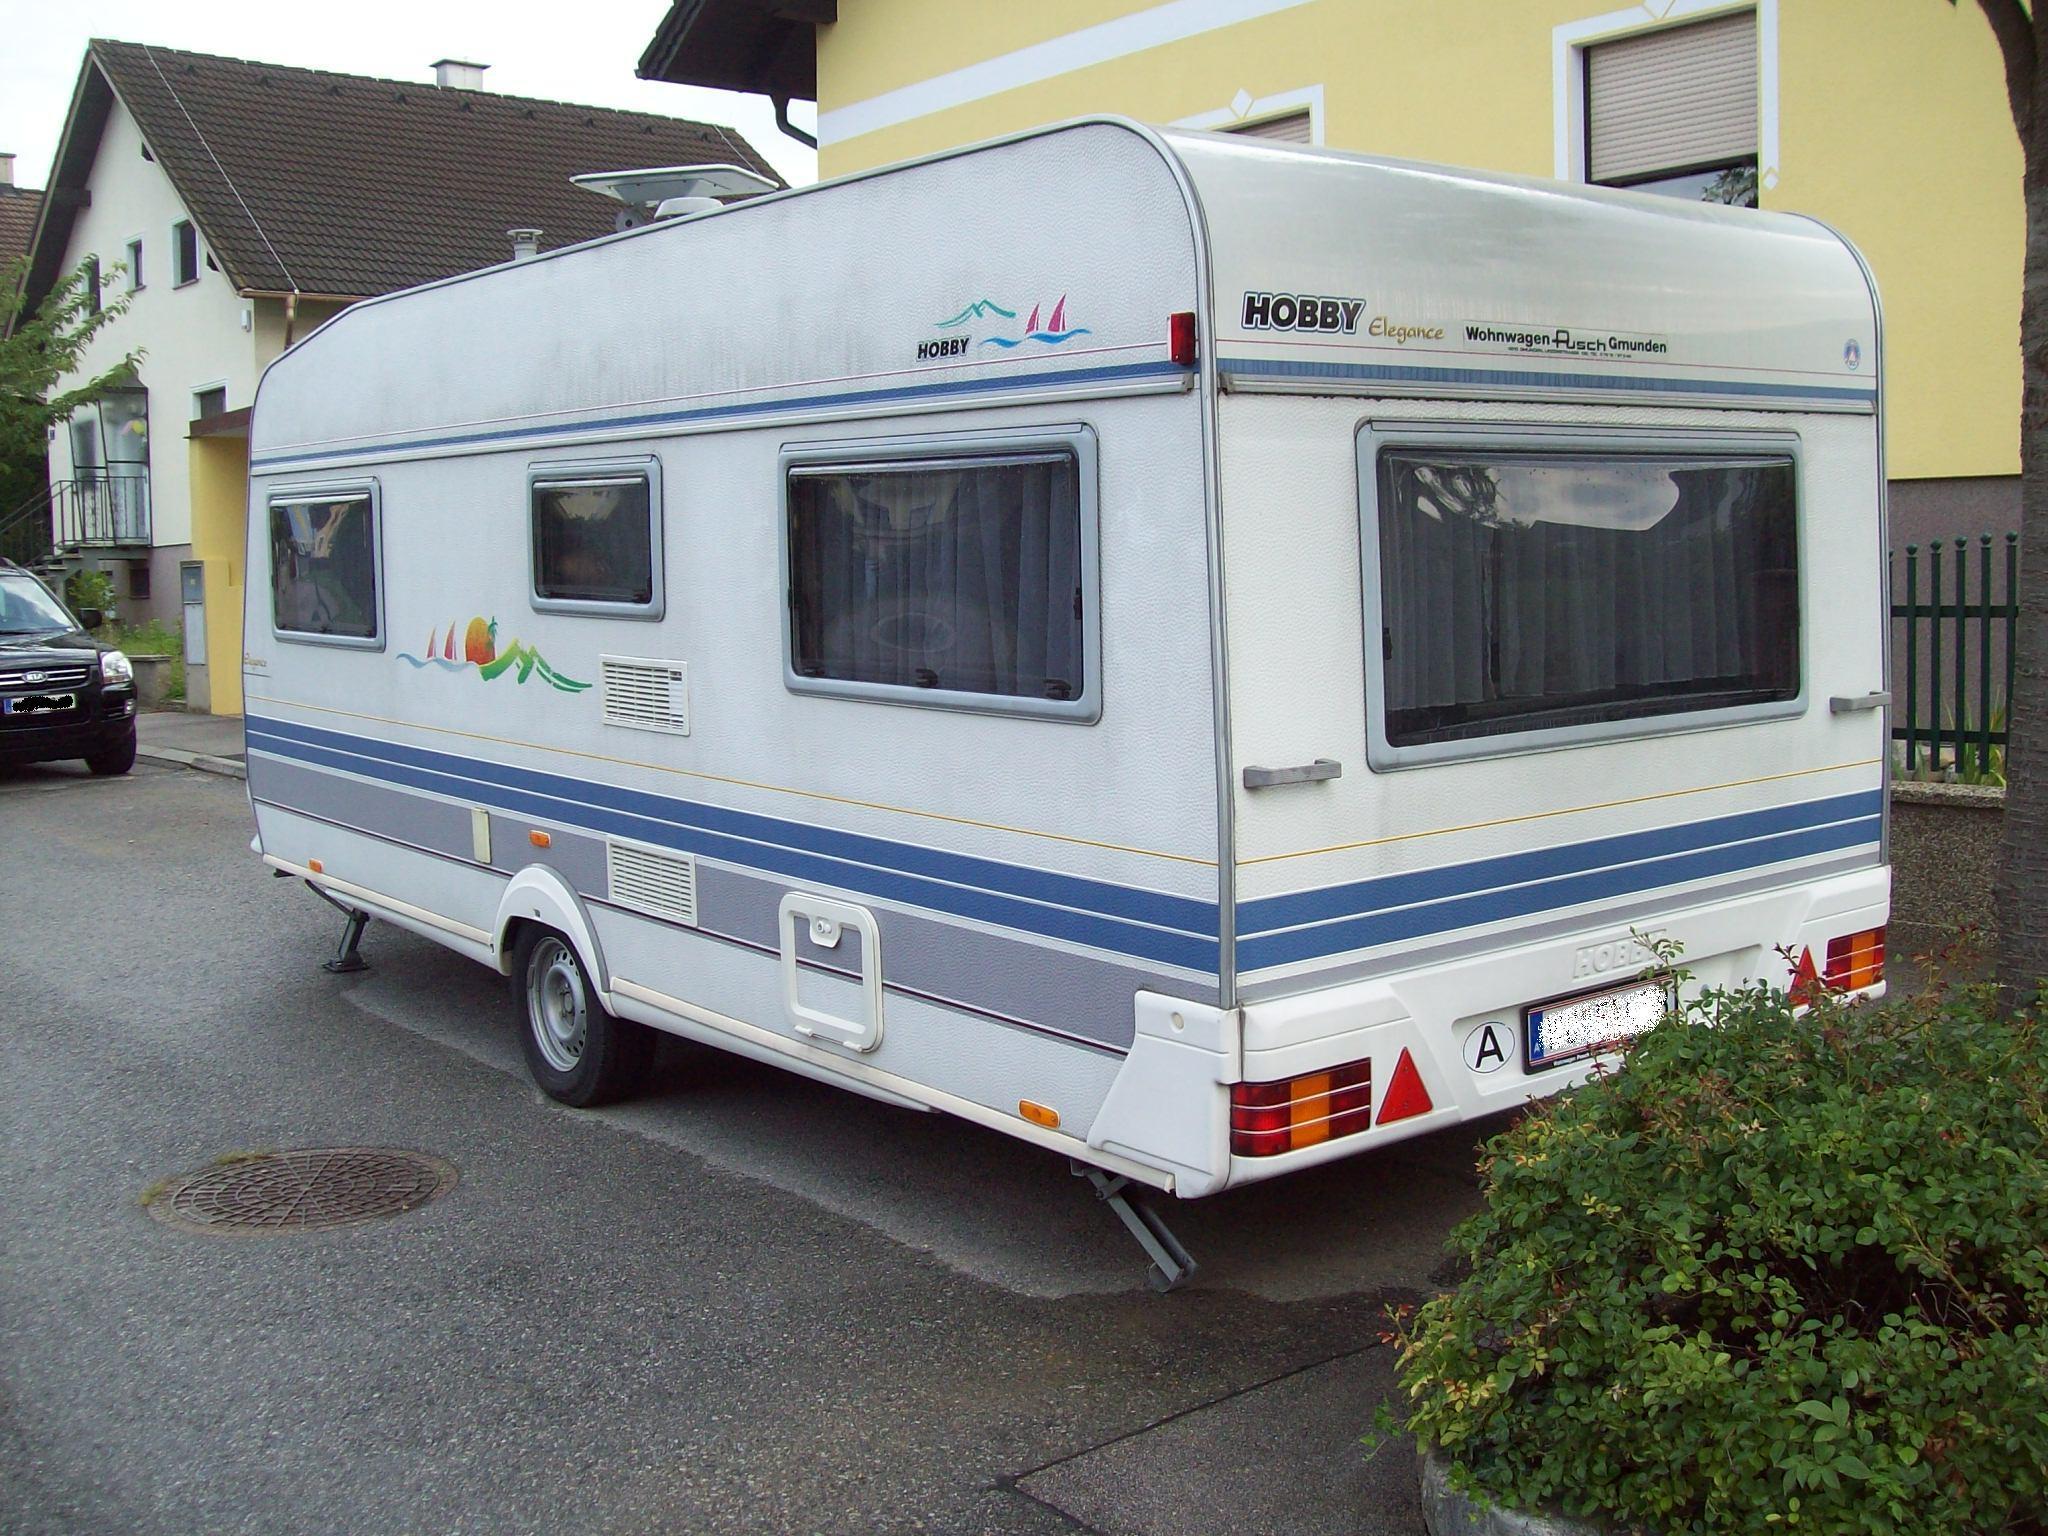 Camping Wohnwagen Vorzelt Kleinanzeigen